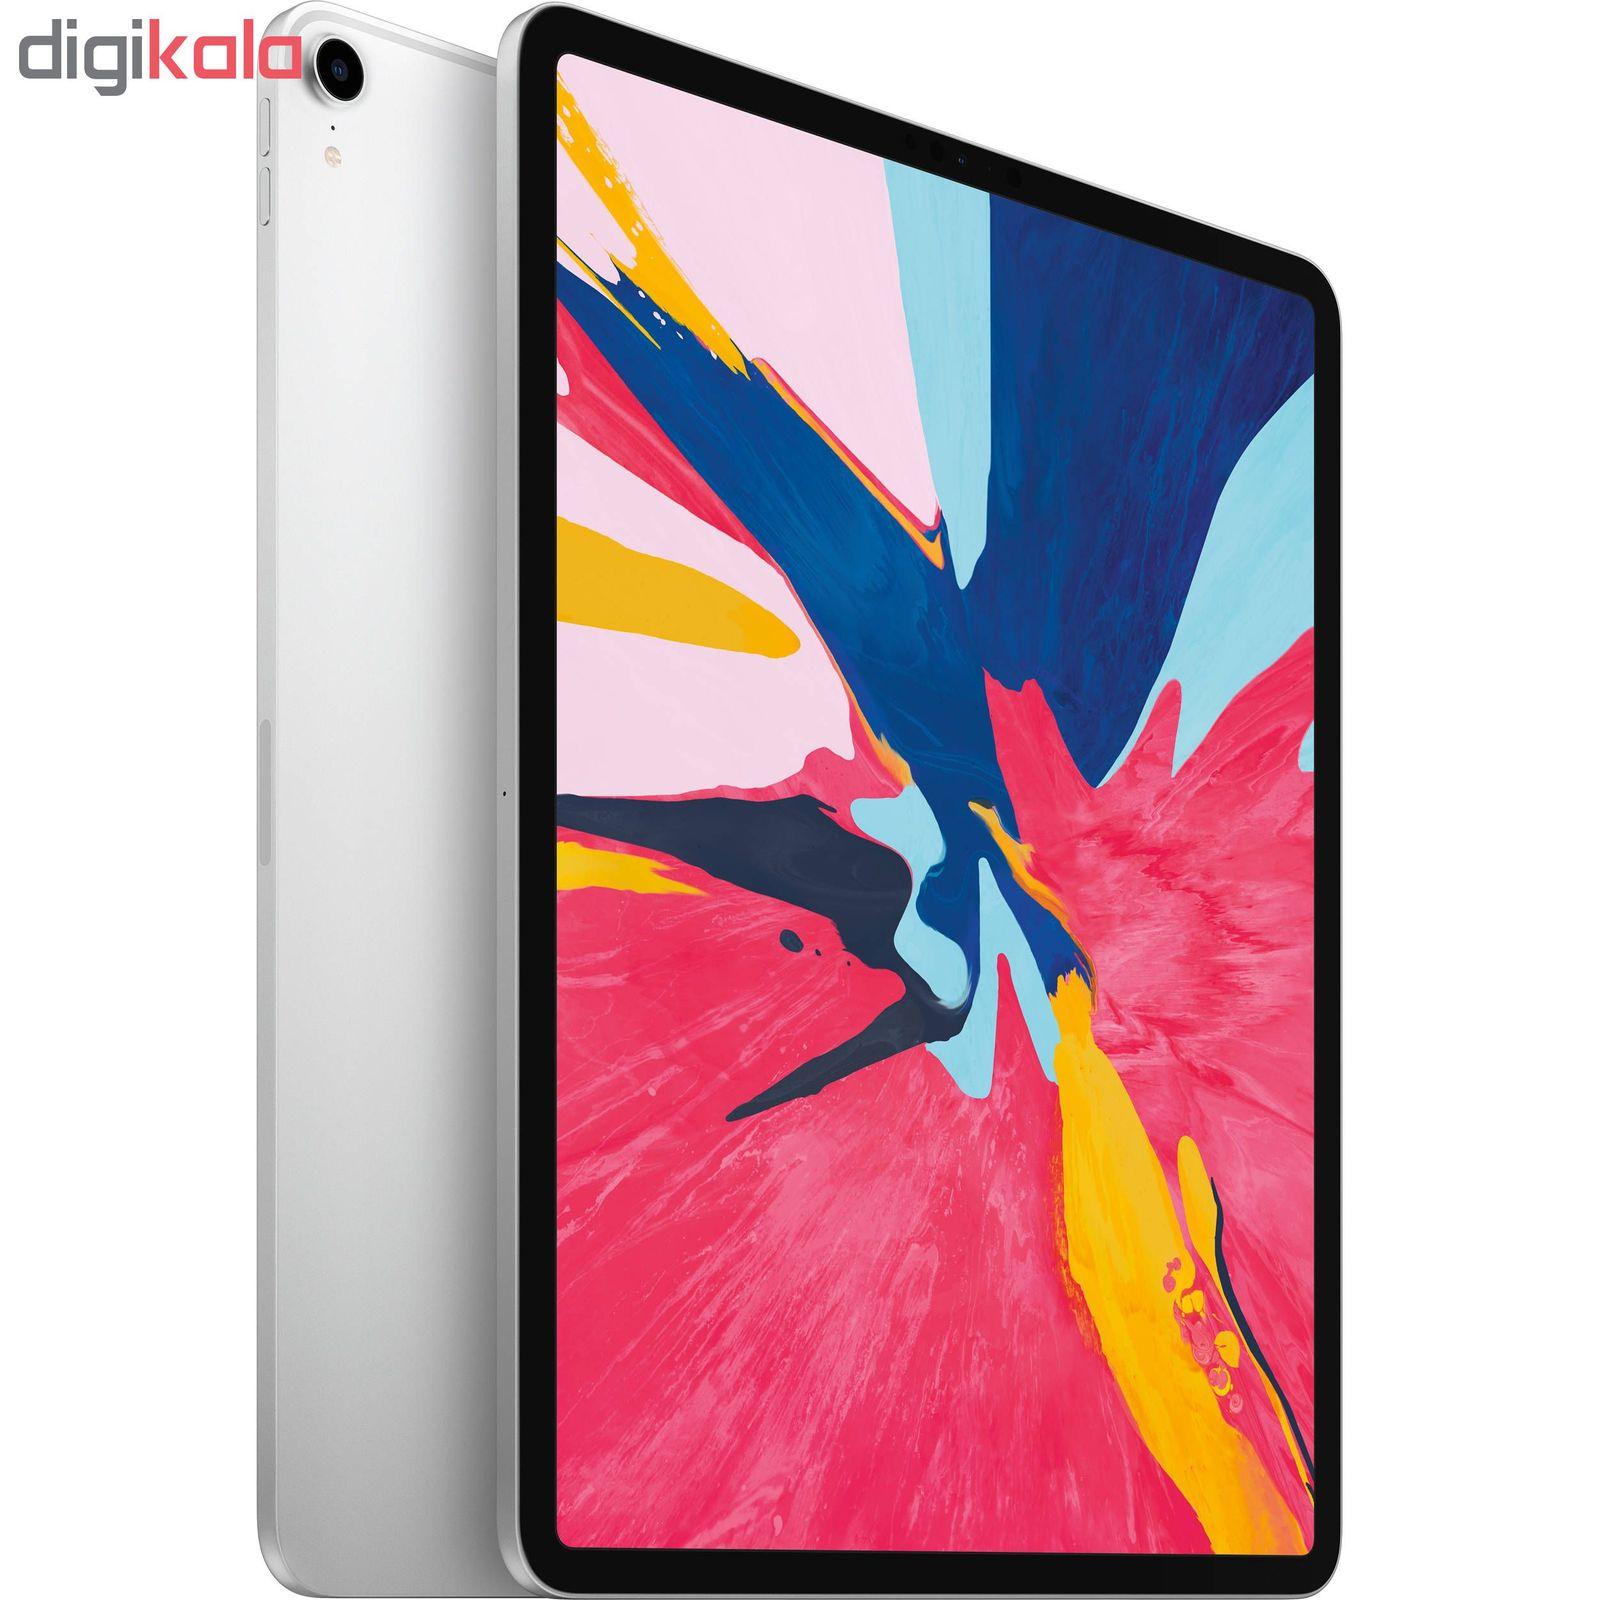 تبلت اپل مدل iPad Pro 2018 12.9 inch 4G ظرفیت 256 گیگابایت main 1 1